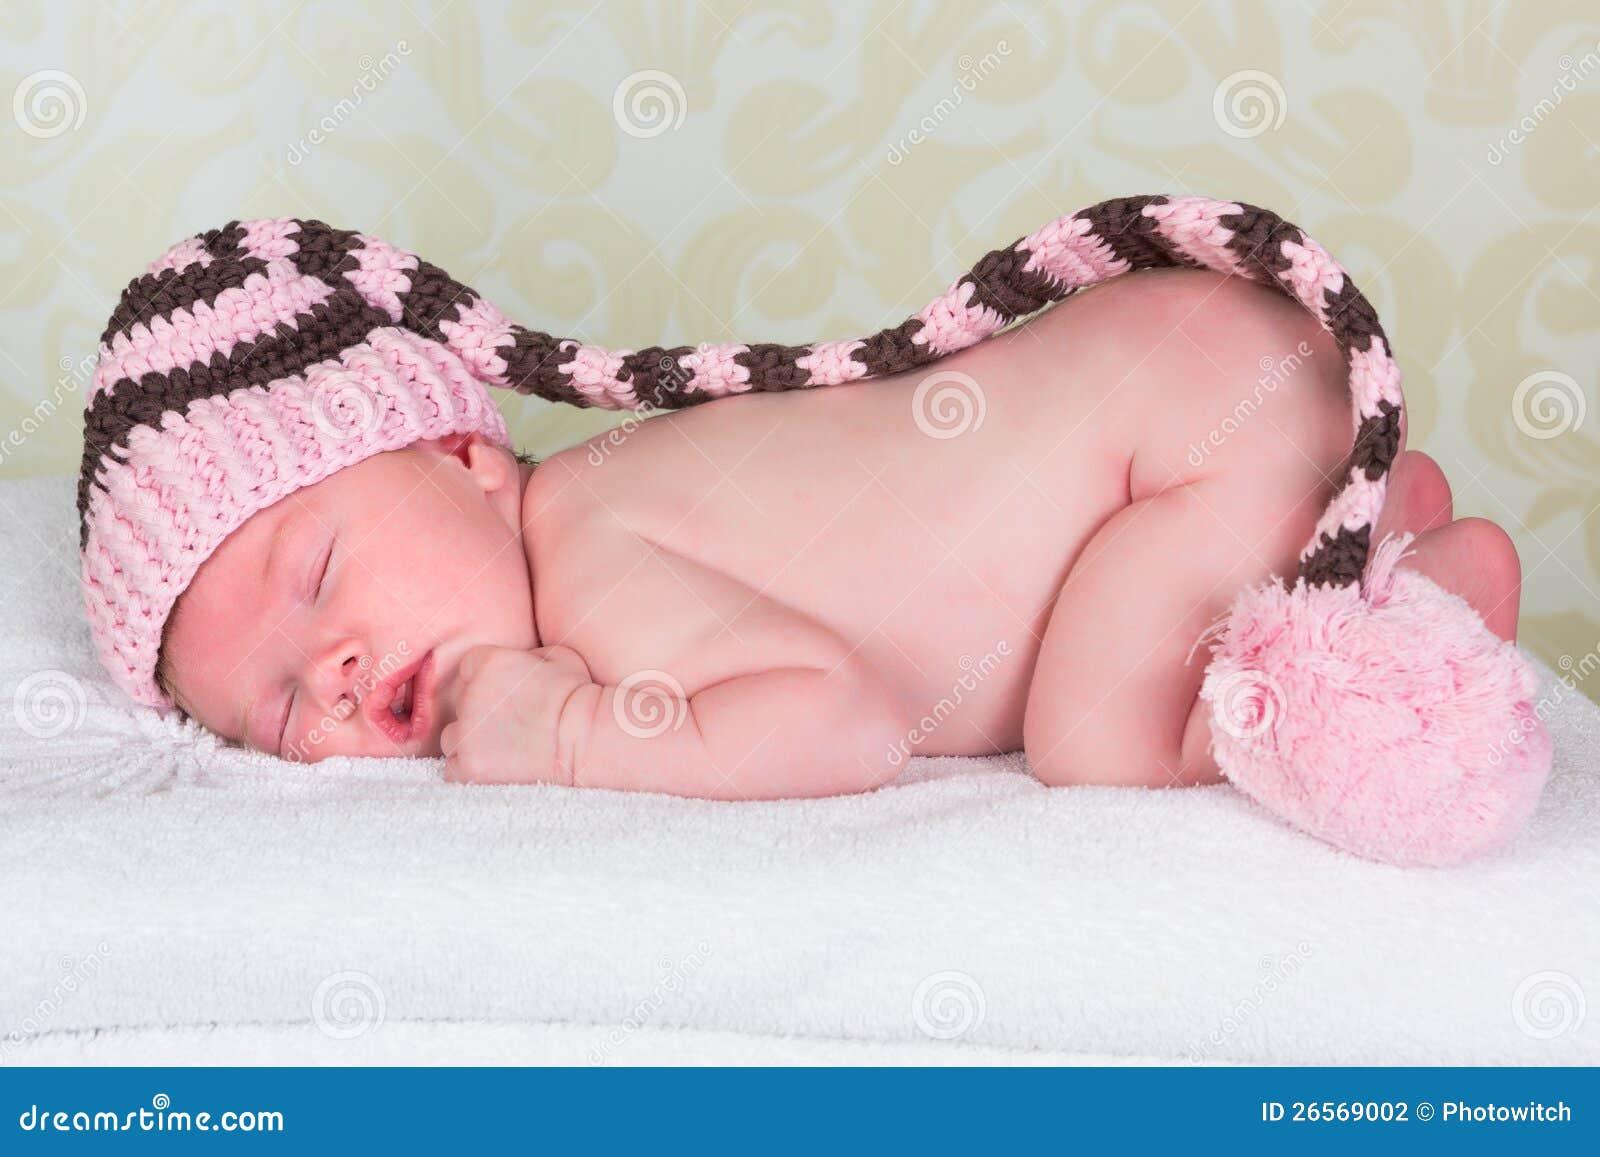 Newborn baby with pompom hat